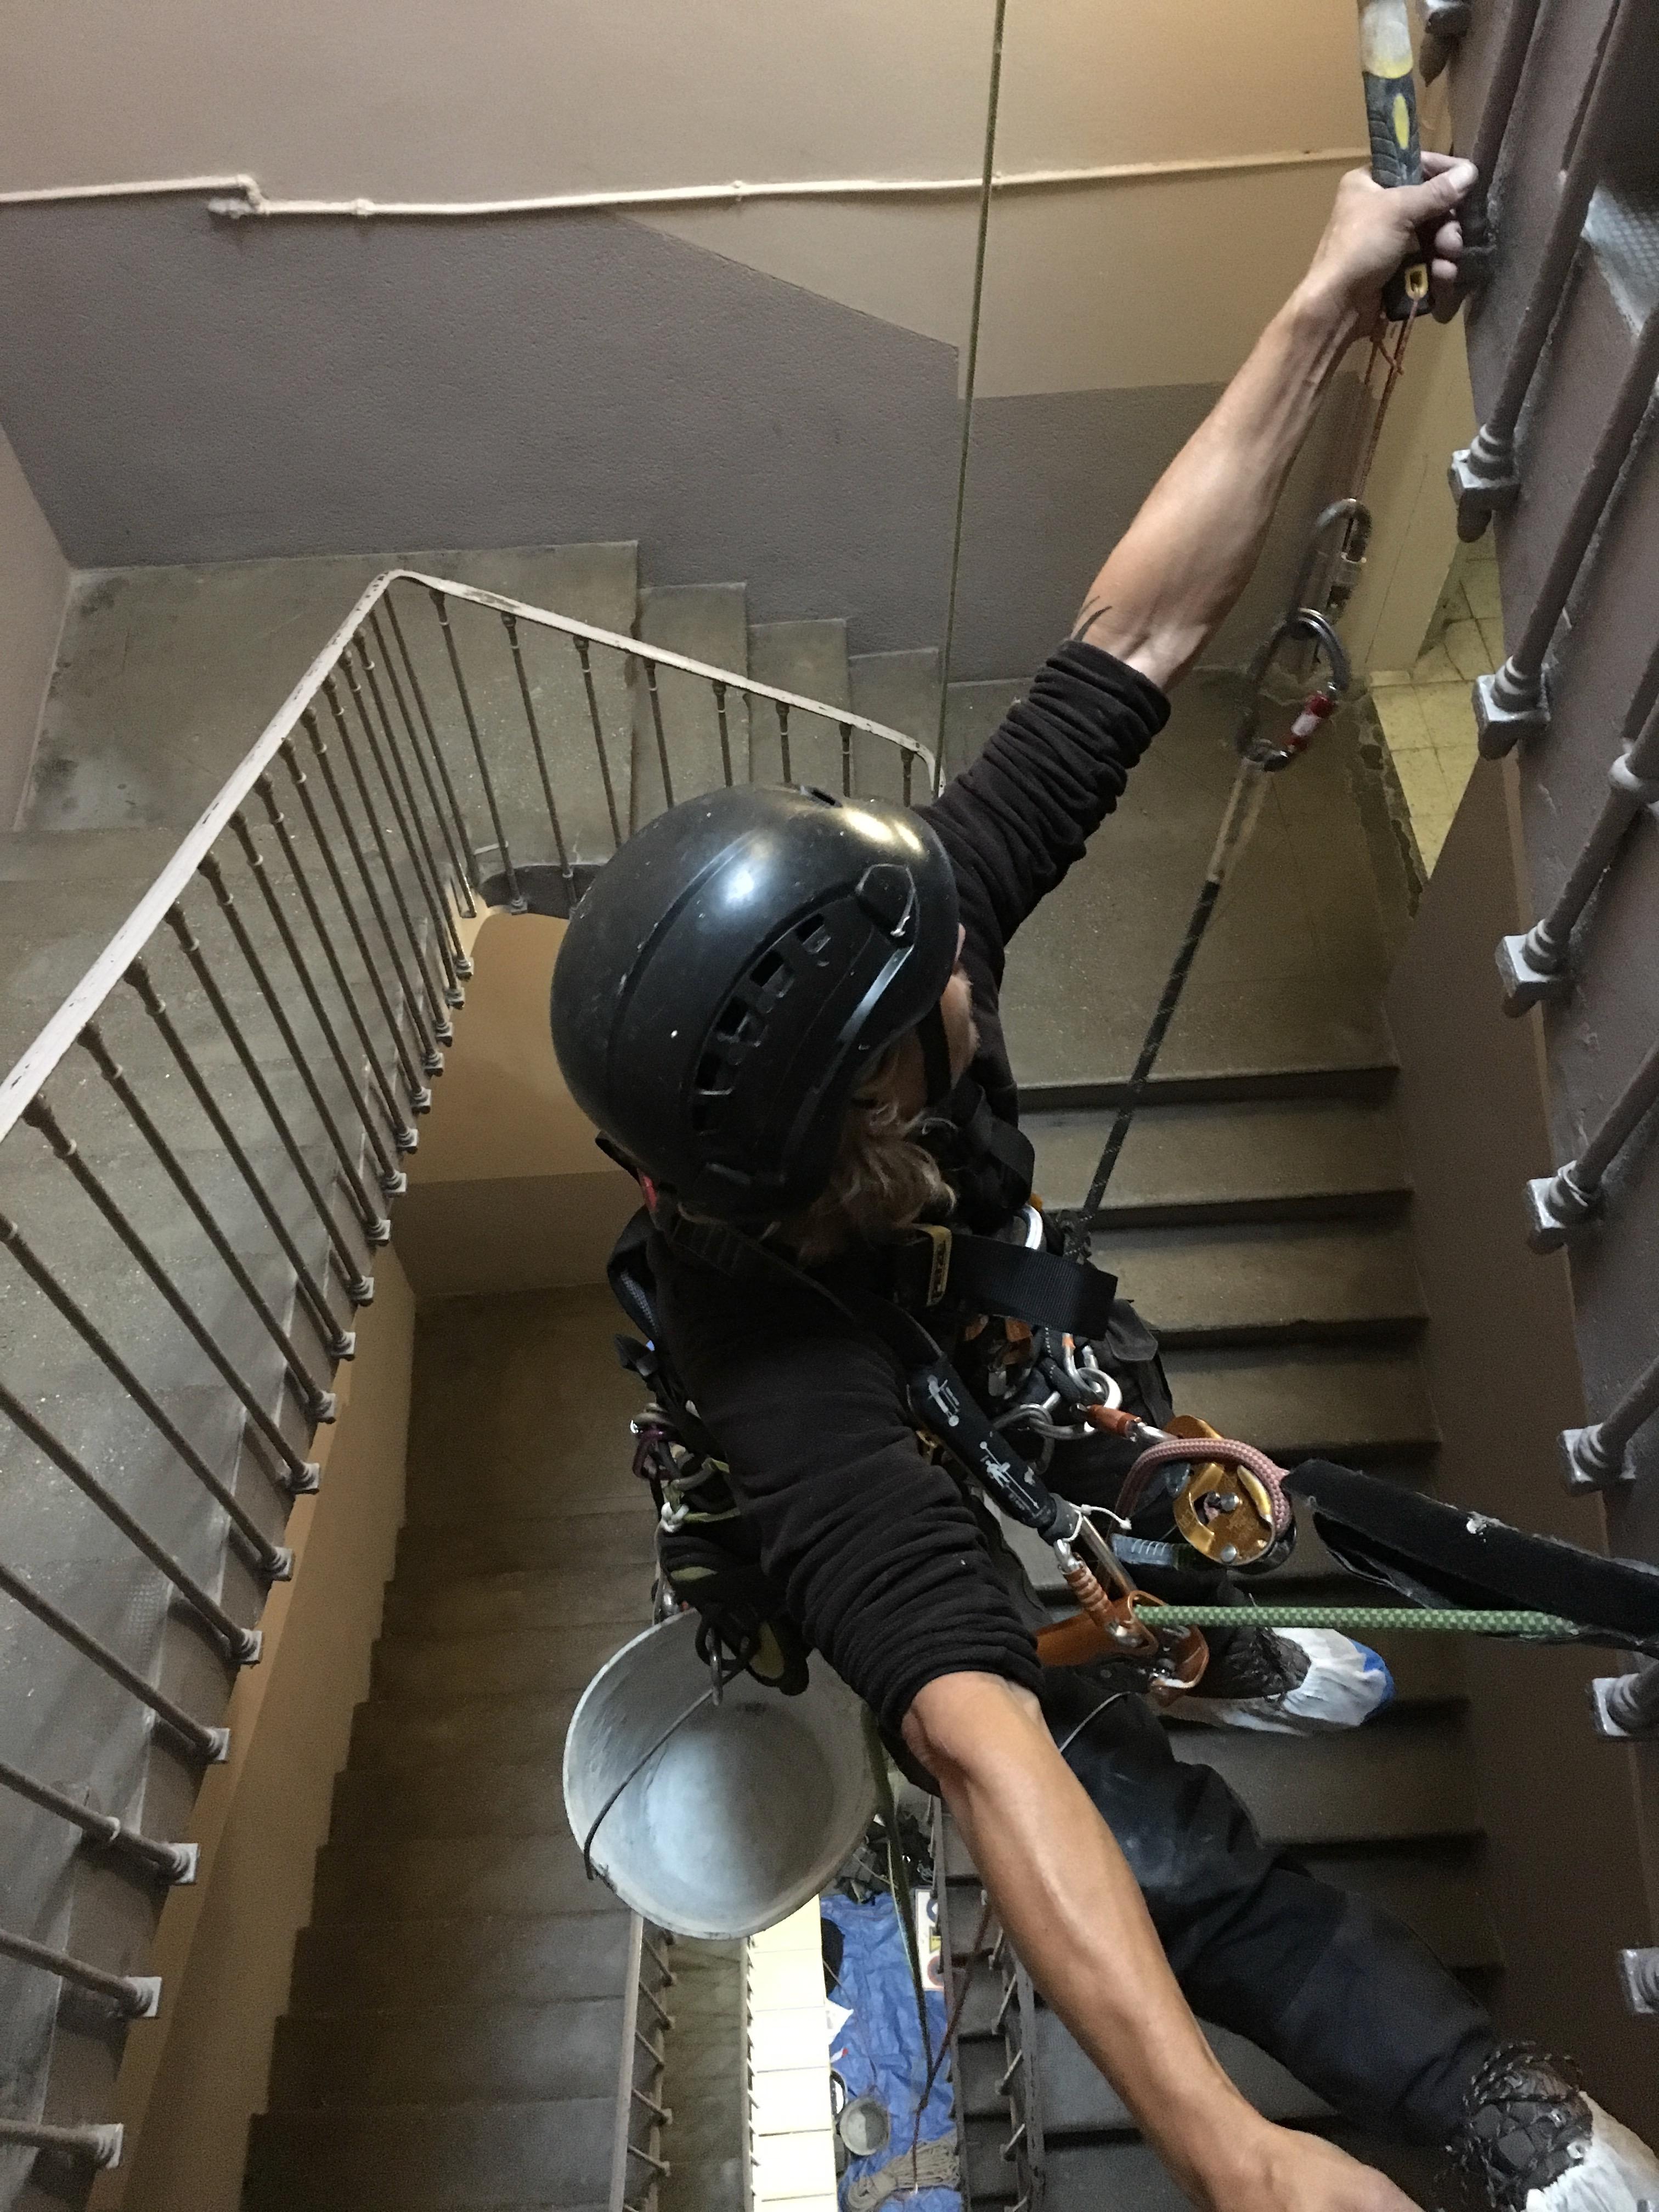 R novation de la cage d 39 escalier d 39 un immeuble nos travaux - Renovation cage d escalier immeuble ...